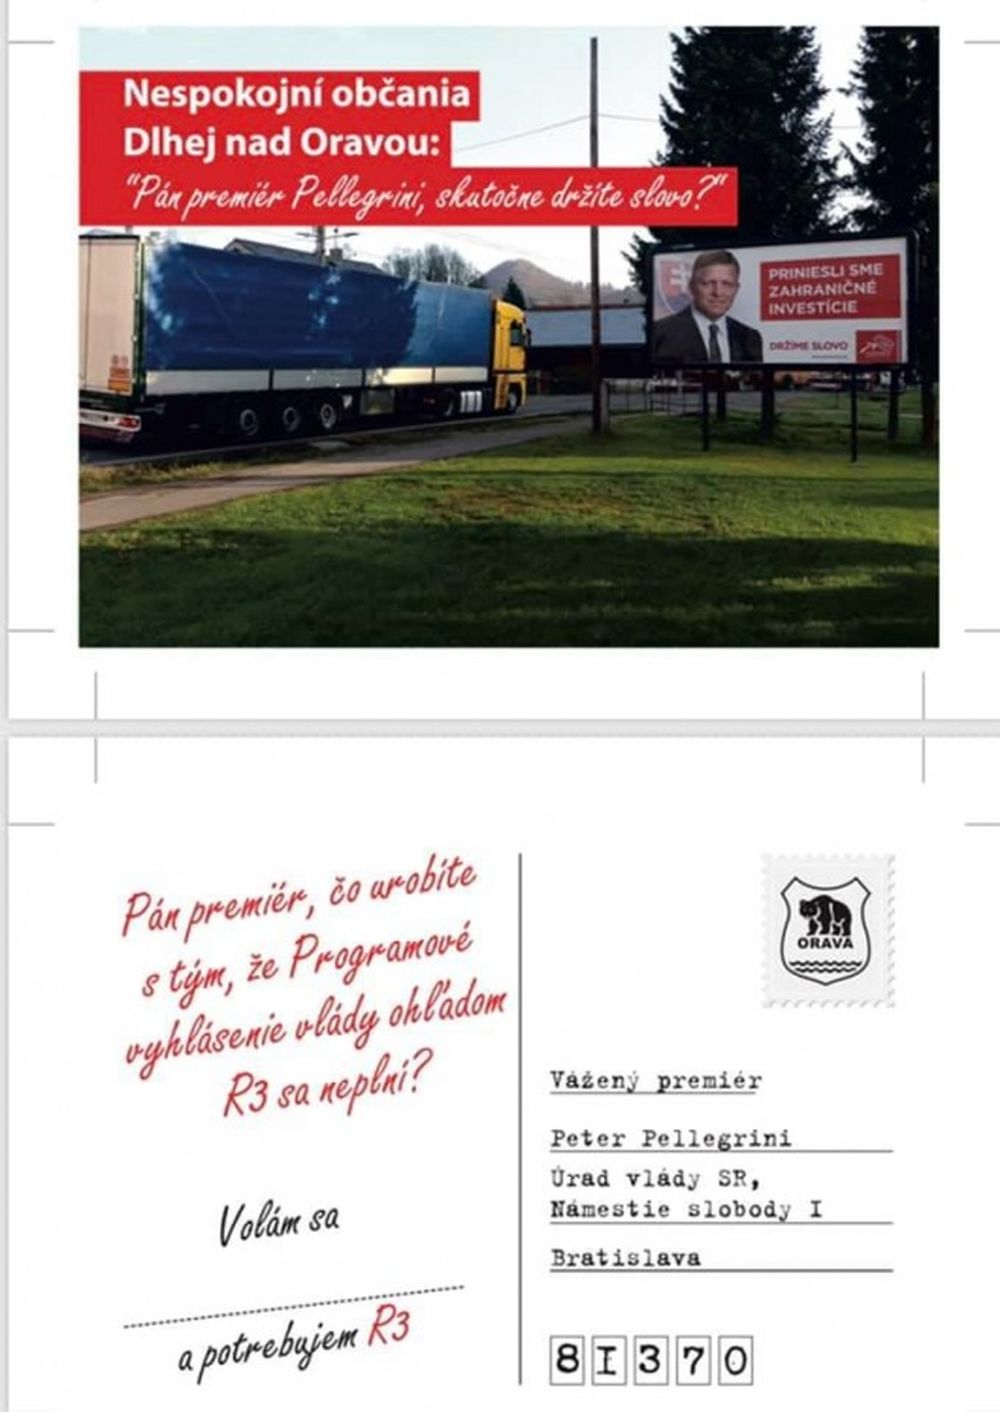 Pohľadnice na protest proti zdržaniu výstavby R3 na Orave, foto 1